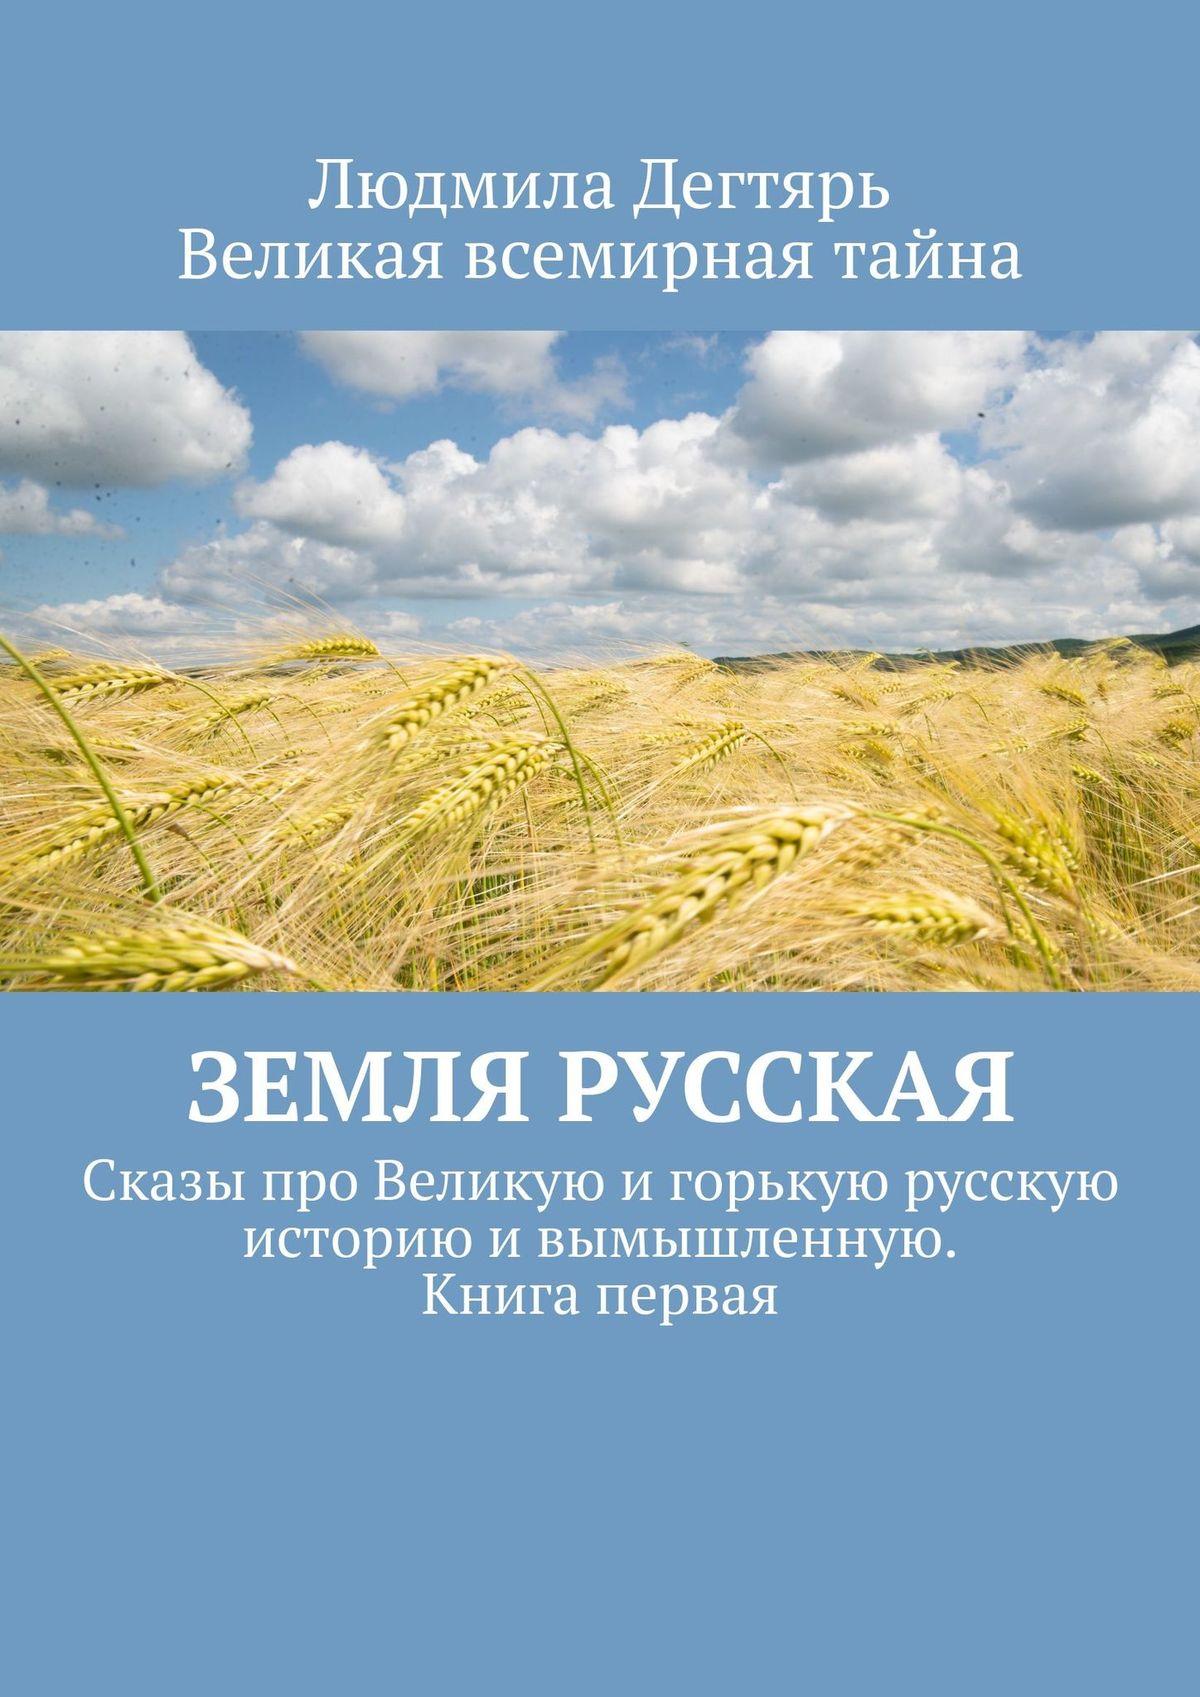 Земля русская. Сказы про Великую игорькую русскую историю ивымышленную. Книга первая